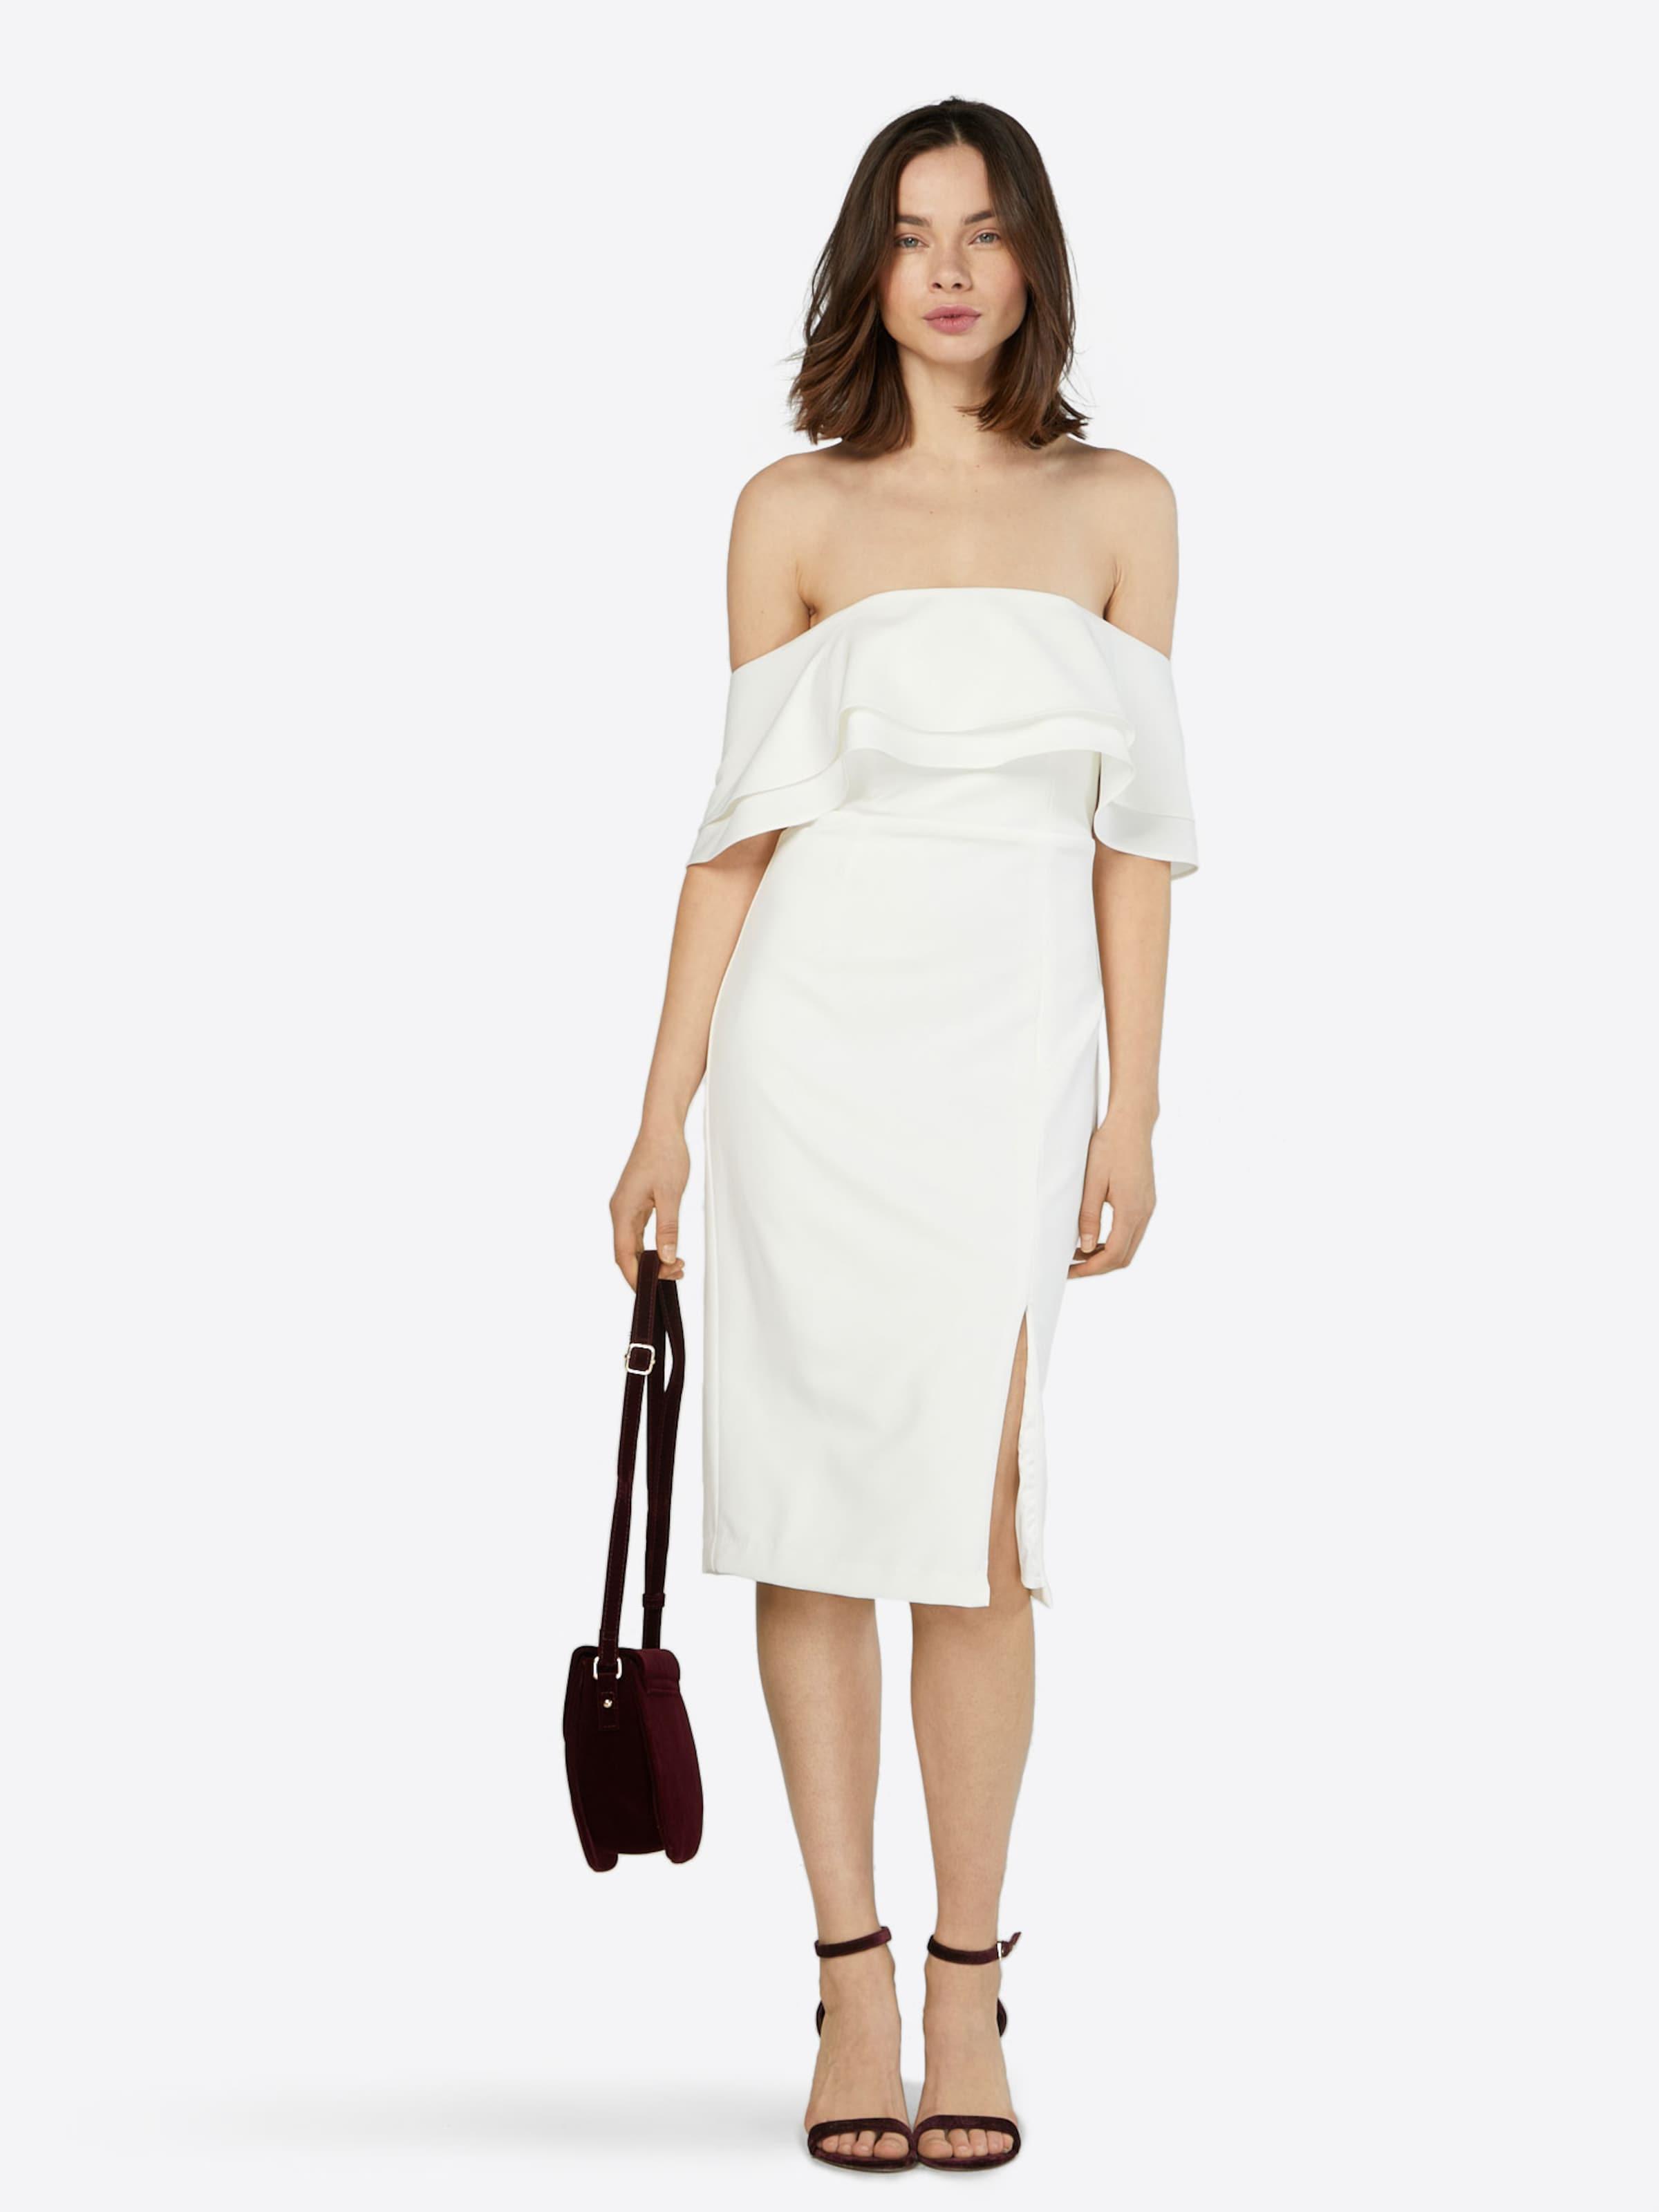 Neue Online Steckdose Mit Paypal Online Bestellen Bardot Kleid 'BAND' Frei Versendende Qualität Niedriger Preis TDzov7